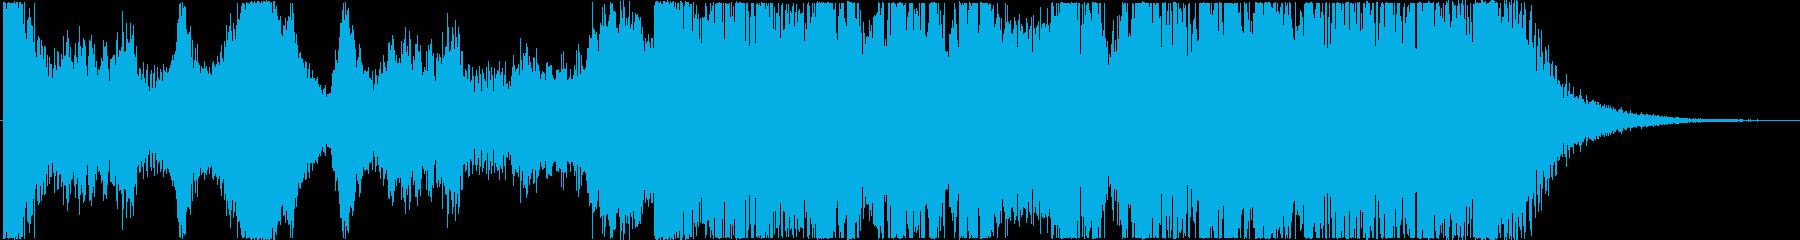 不安・緊張感~打楽器◆予告編/トレーラーの再生済みの波形